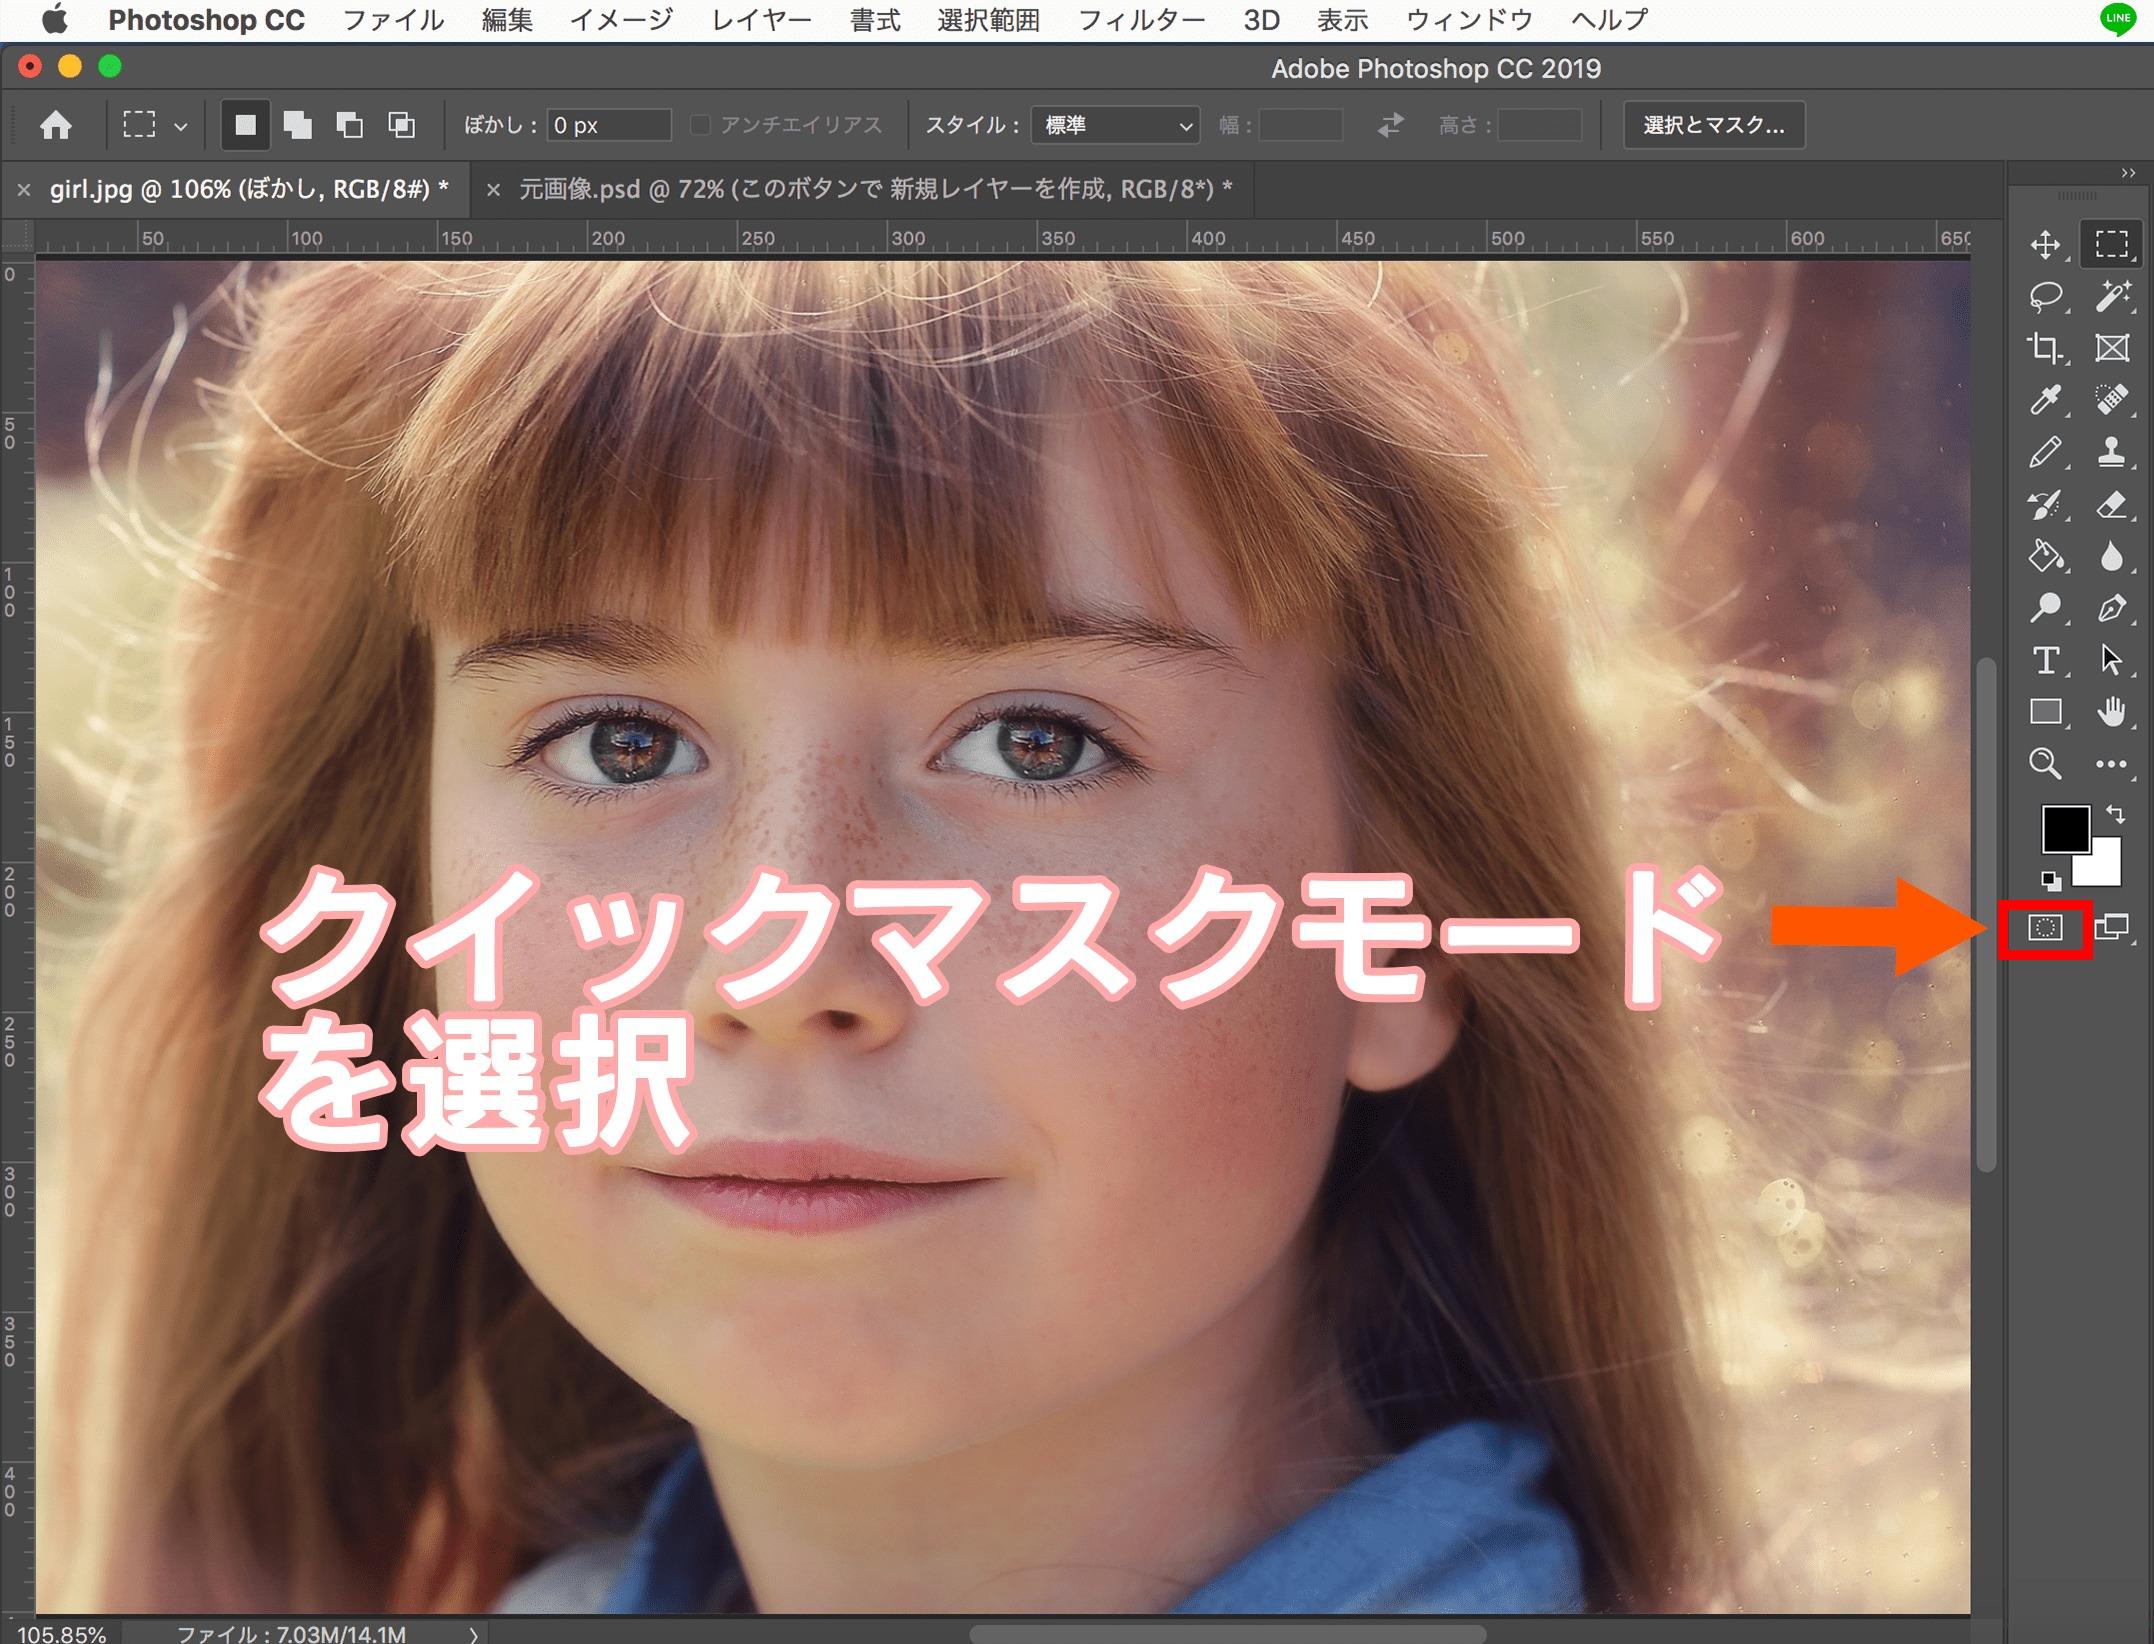 photoshopで人物の肌を綺麗に加工する画像をクイックマスクモードにする